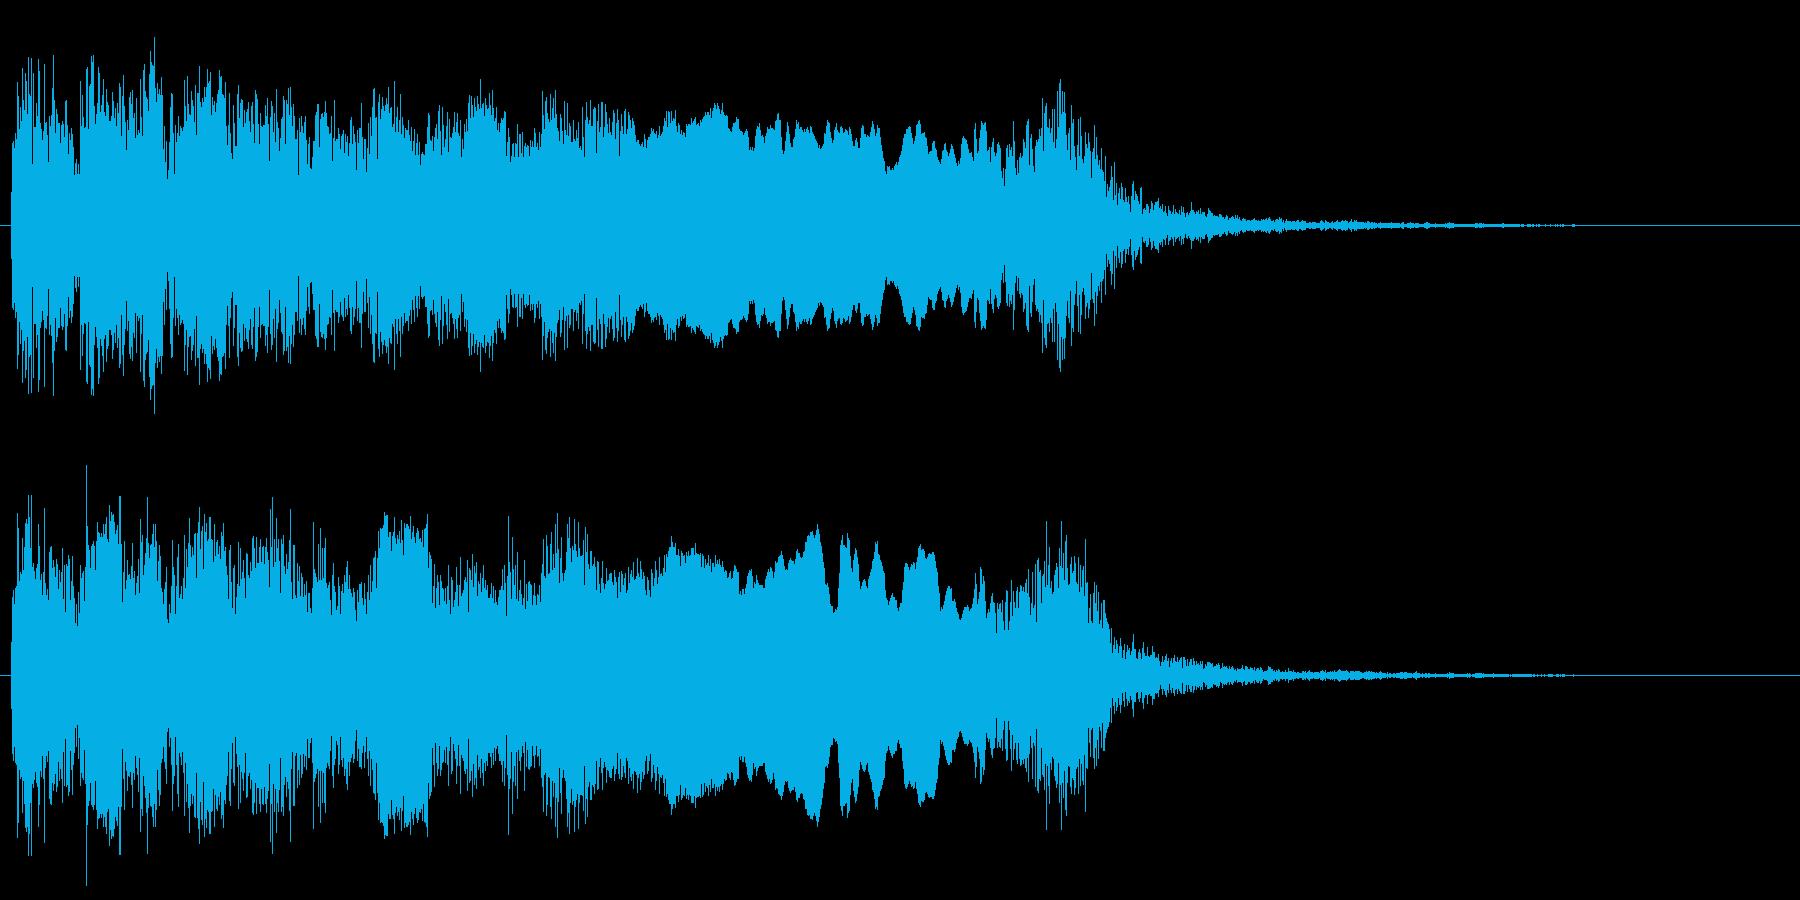 ネオクラシカルなメタルギターフレーズの再生済みの波形